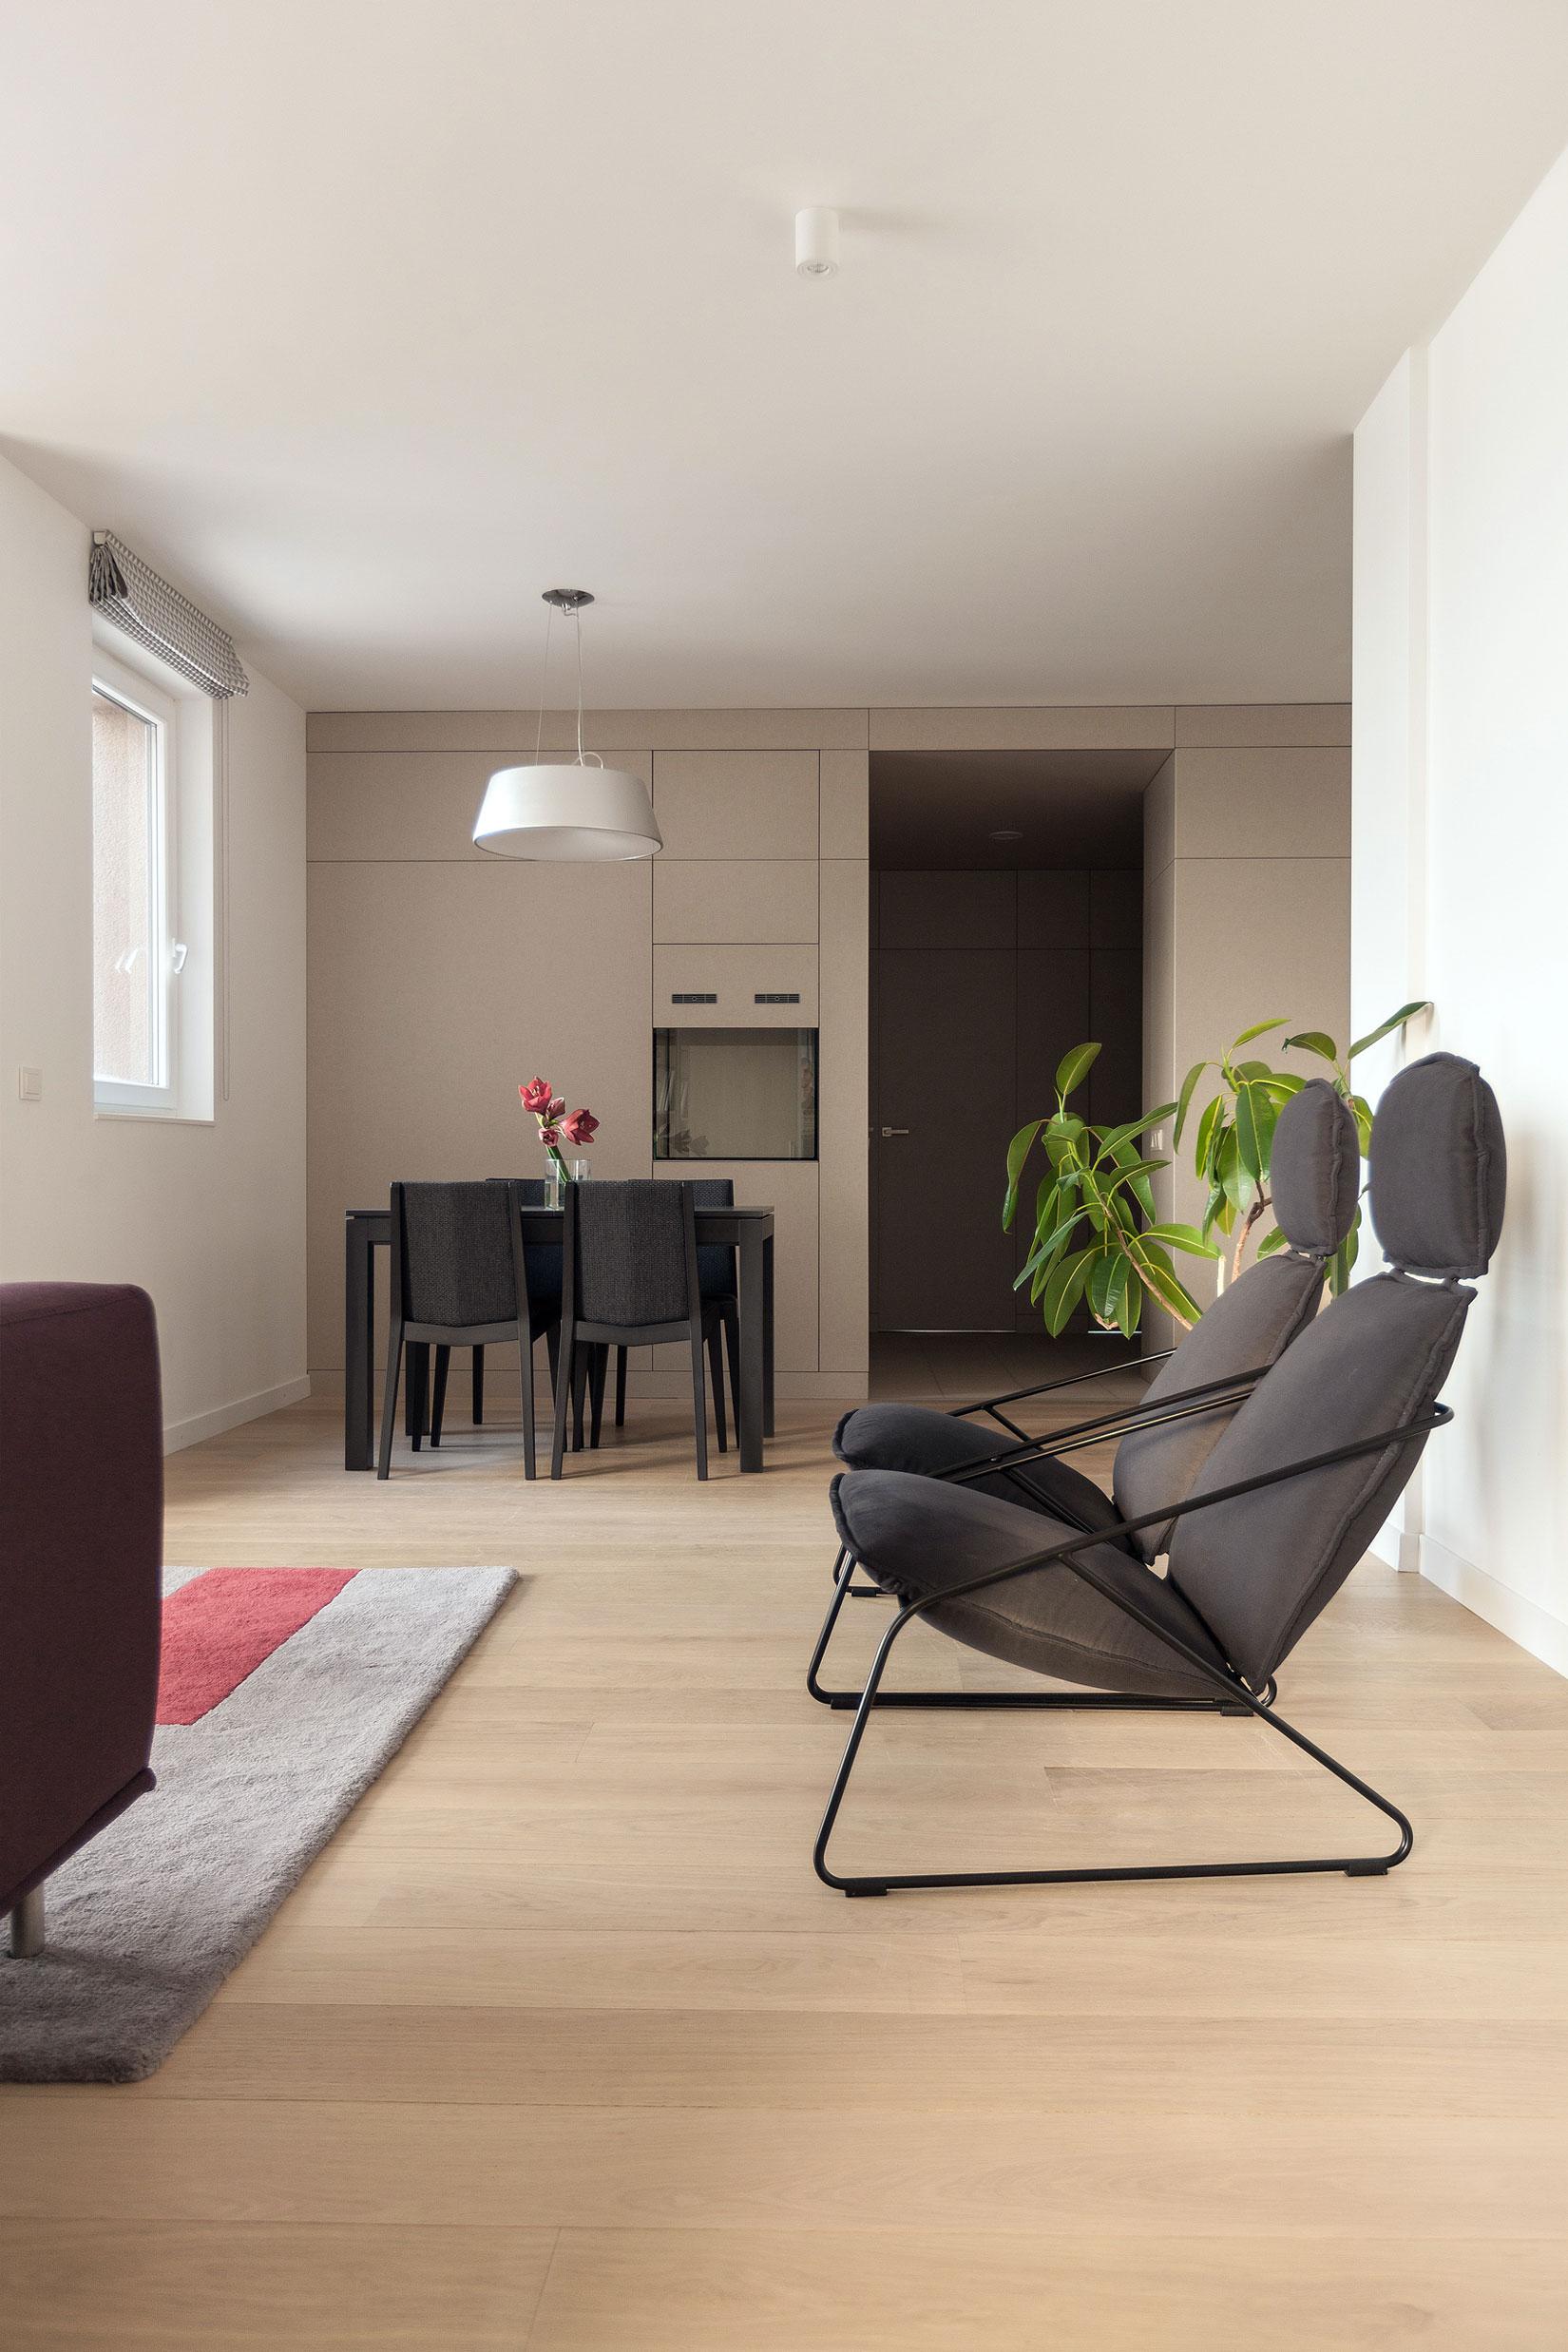 Apartment-in-Vilnius-2-03